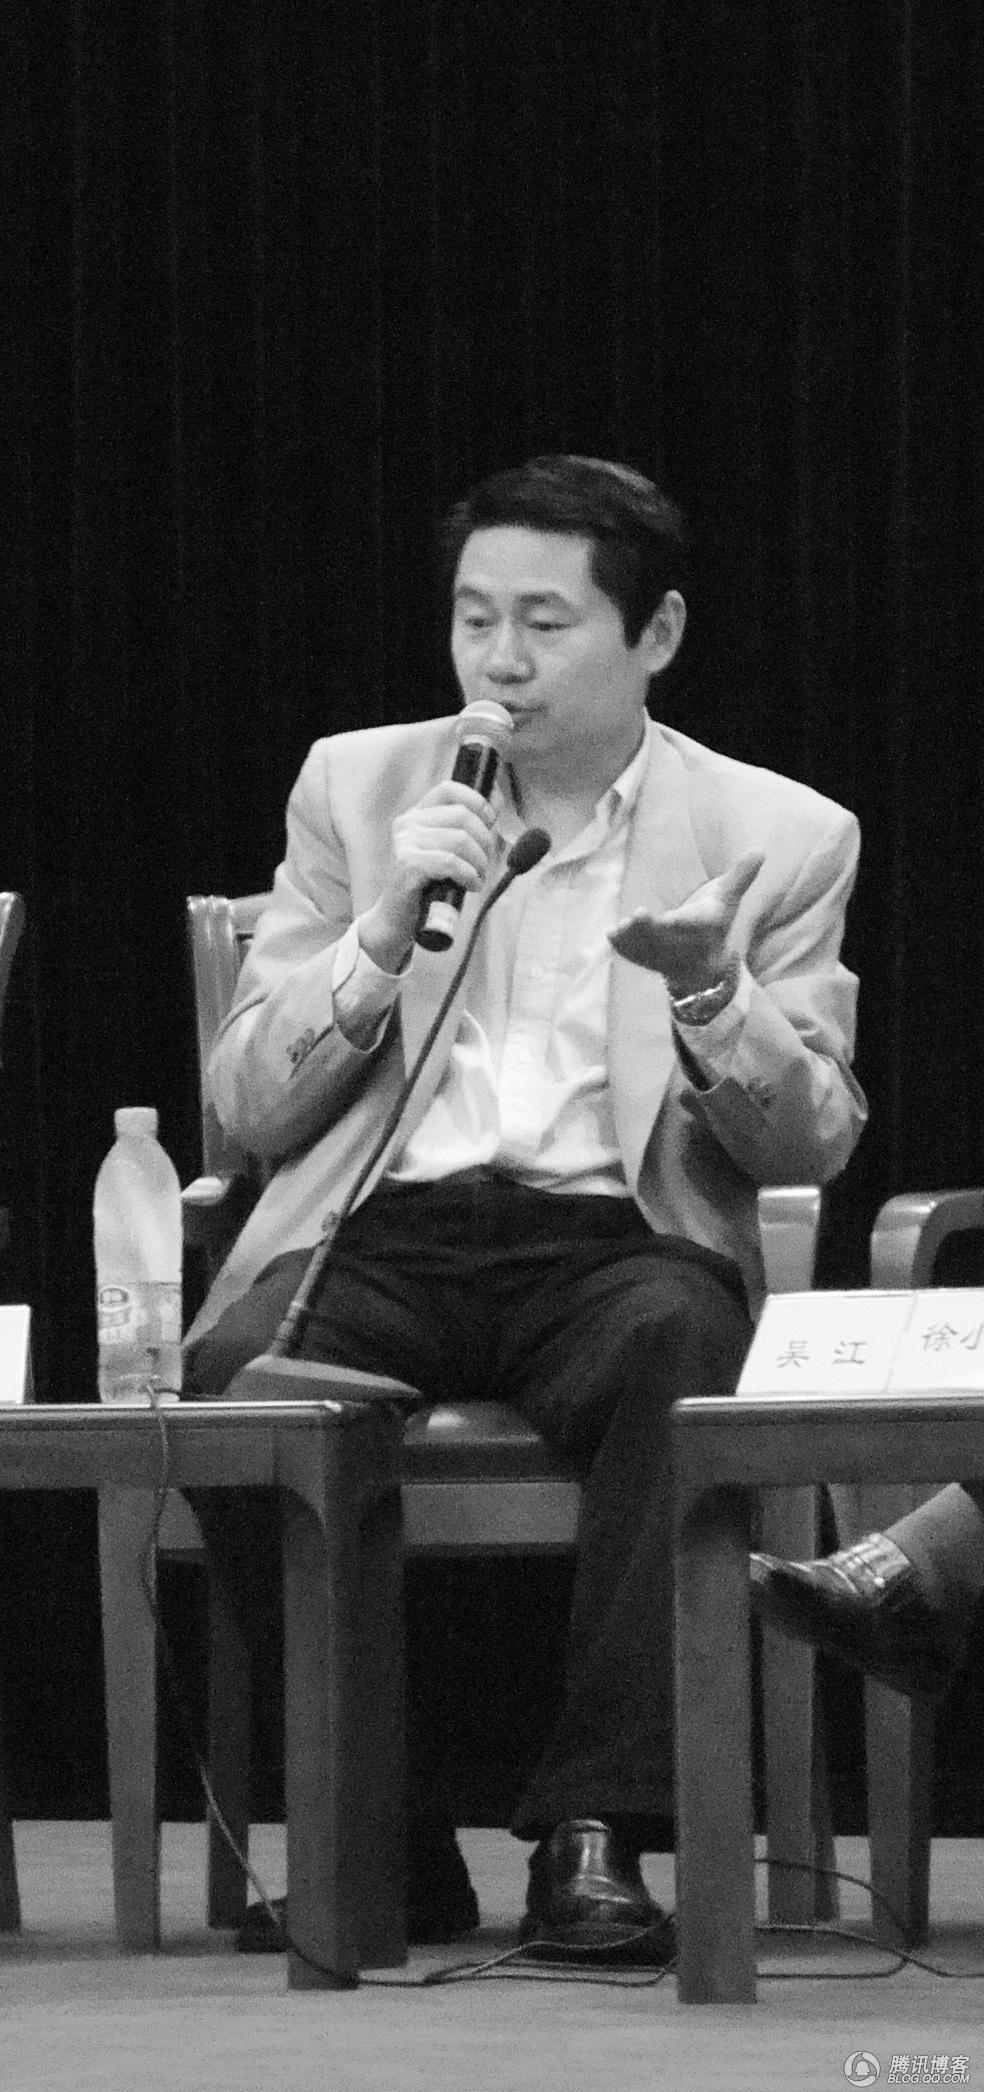 """周日相聚国图  听王辉耀解读""""人才战争与大国崛起"""" - 中信出版社 - 中信出版社"""